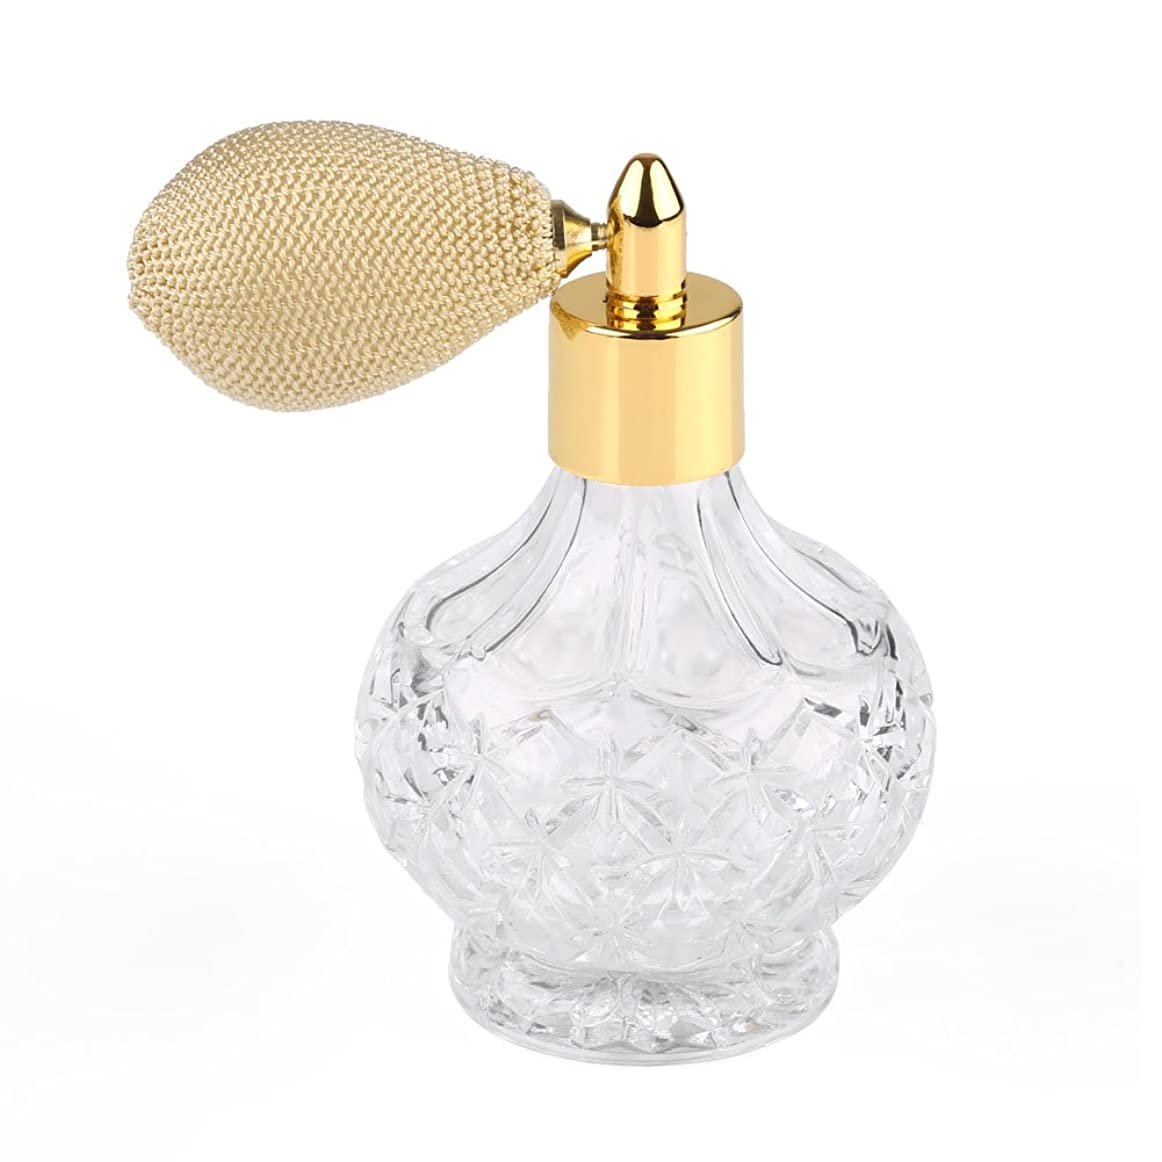 あえぎビヨンチャールズキージング高品質18MMガラスボトル香水瓶 アトマイザー  クリア星柄ストリームラインデザイン 金色ニットスプレー 80ML ホーム飾り 装飾雑貨 ガラス製